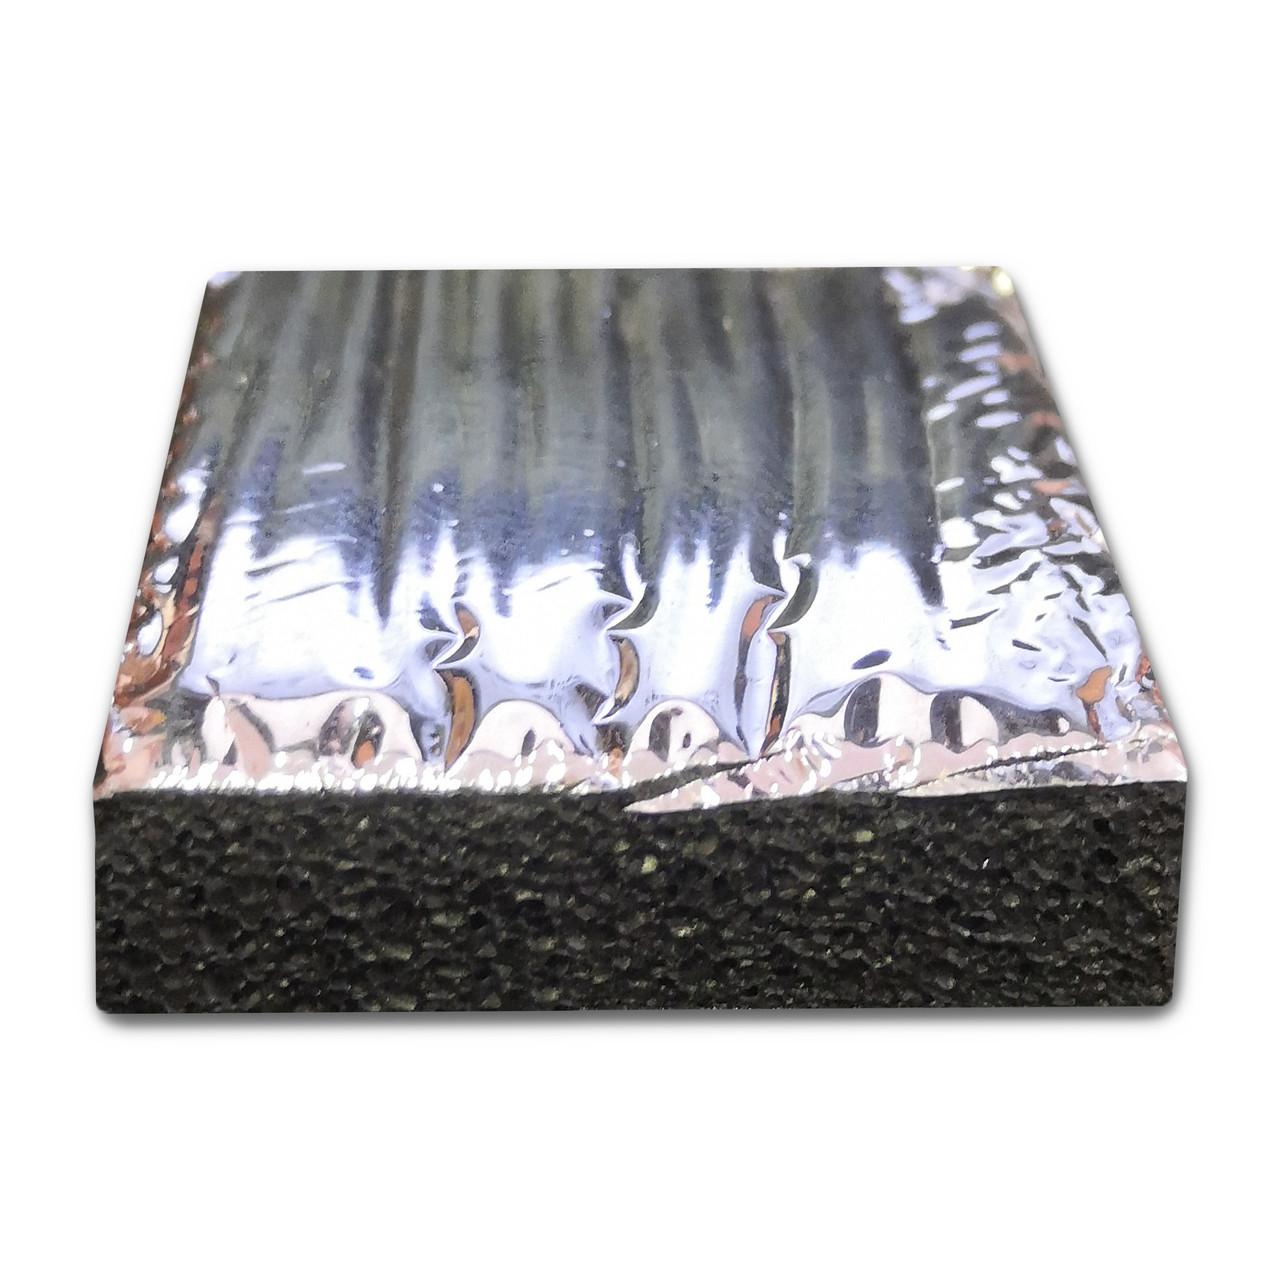 Софт метал (Soft-metal) 6 мм, 0,5 м2